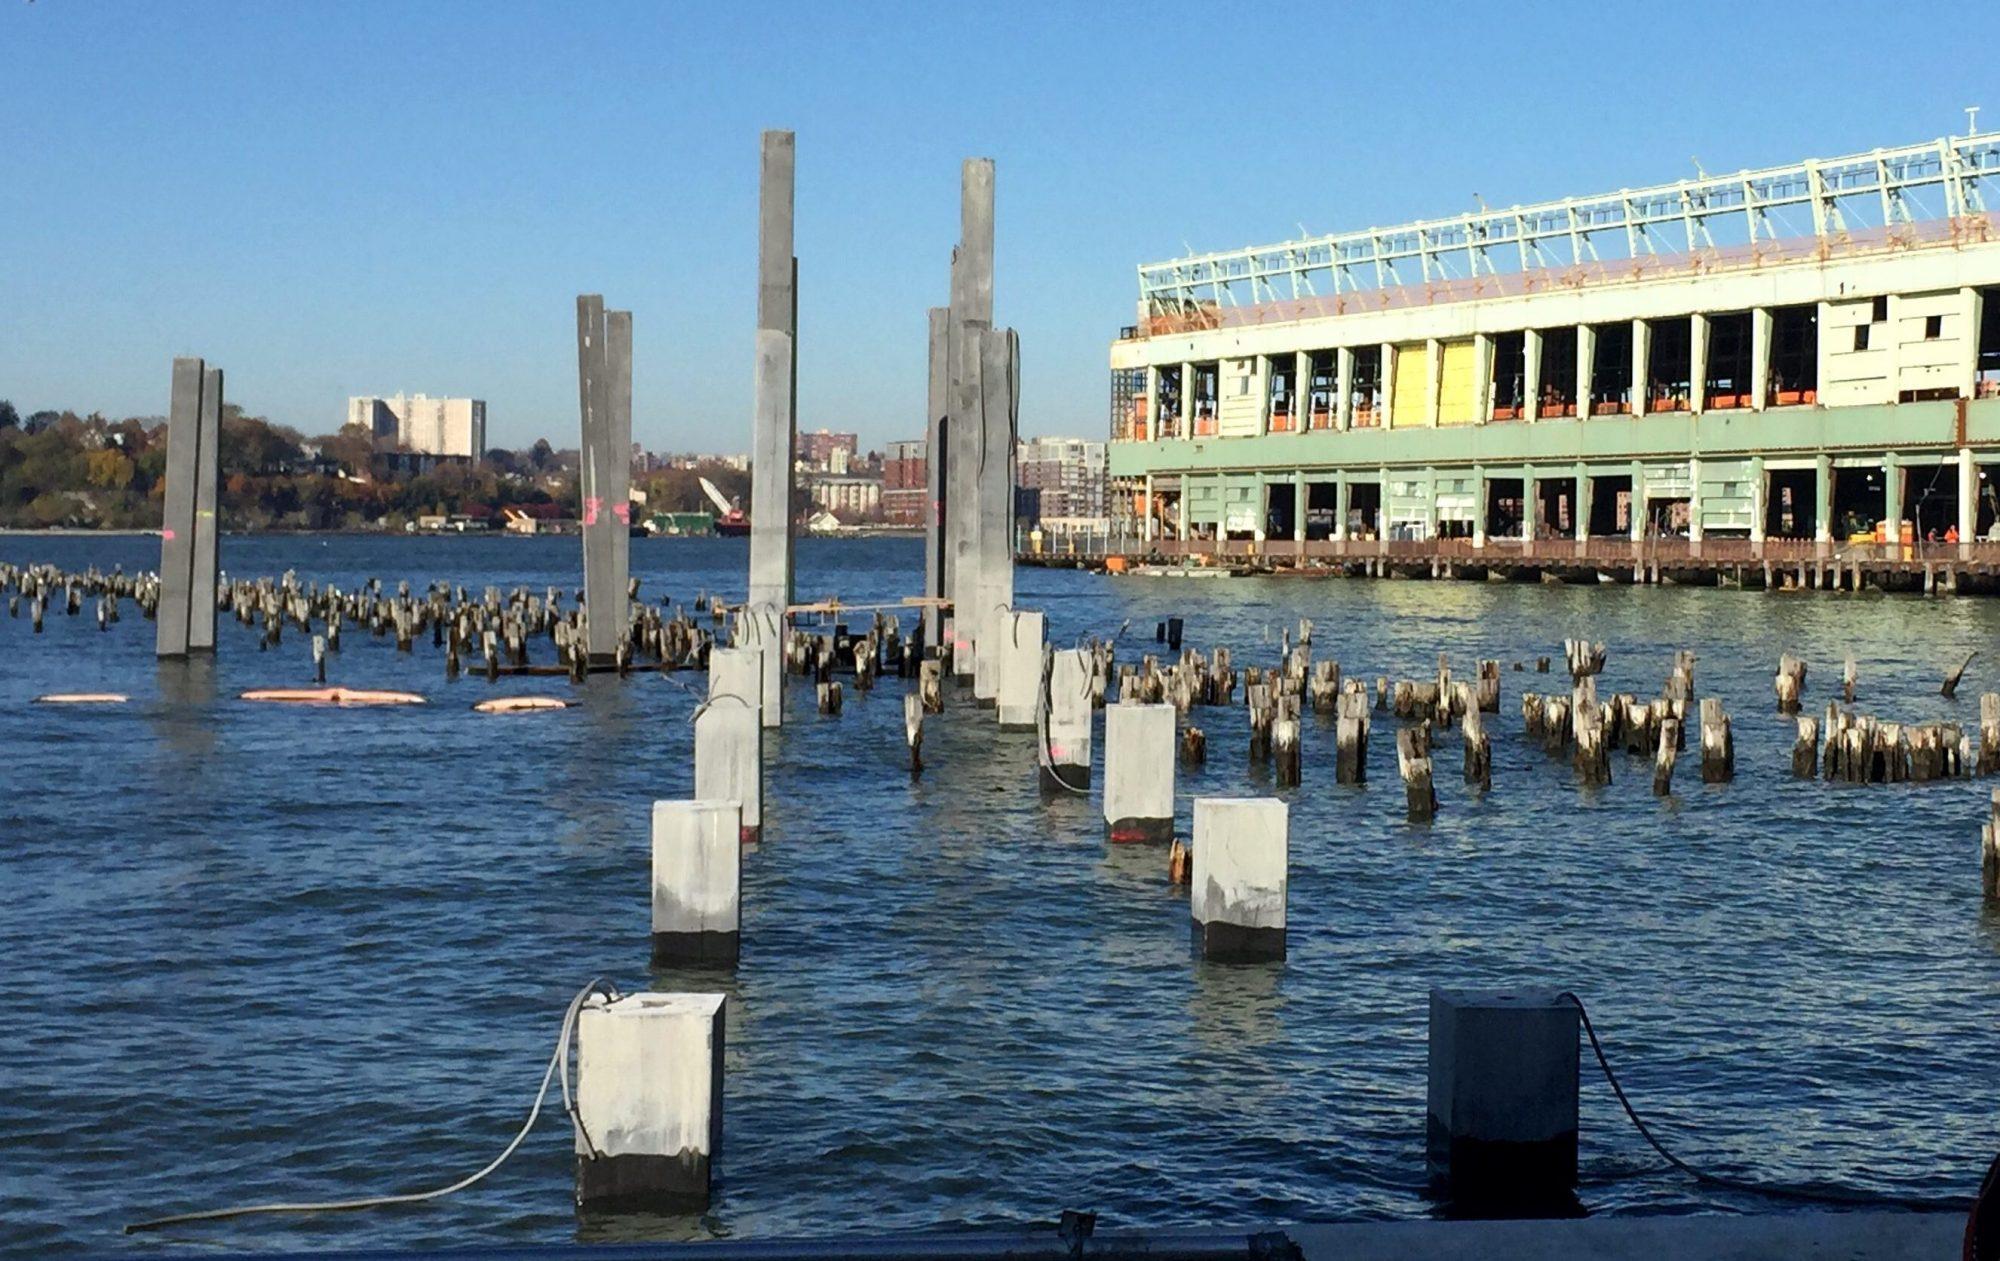 Construction update: Pier 55's 535 concrete columns rise